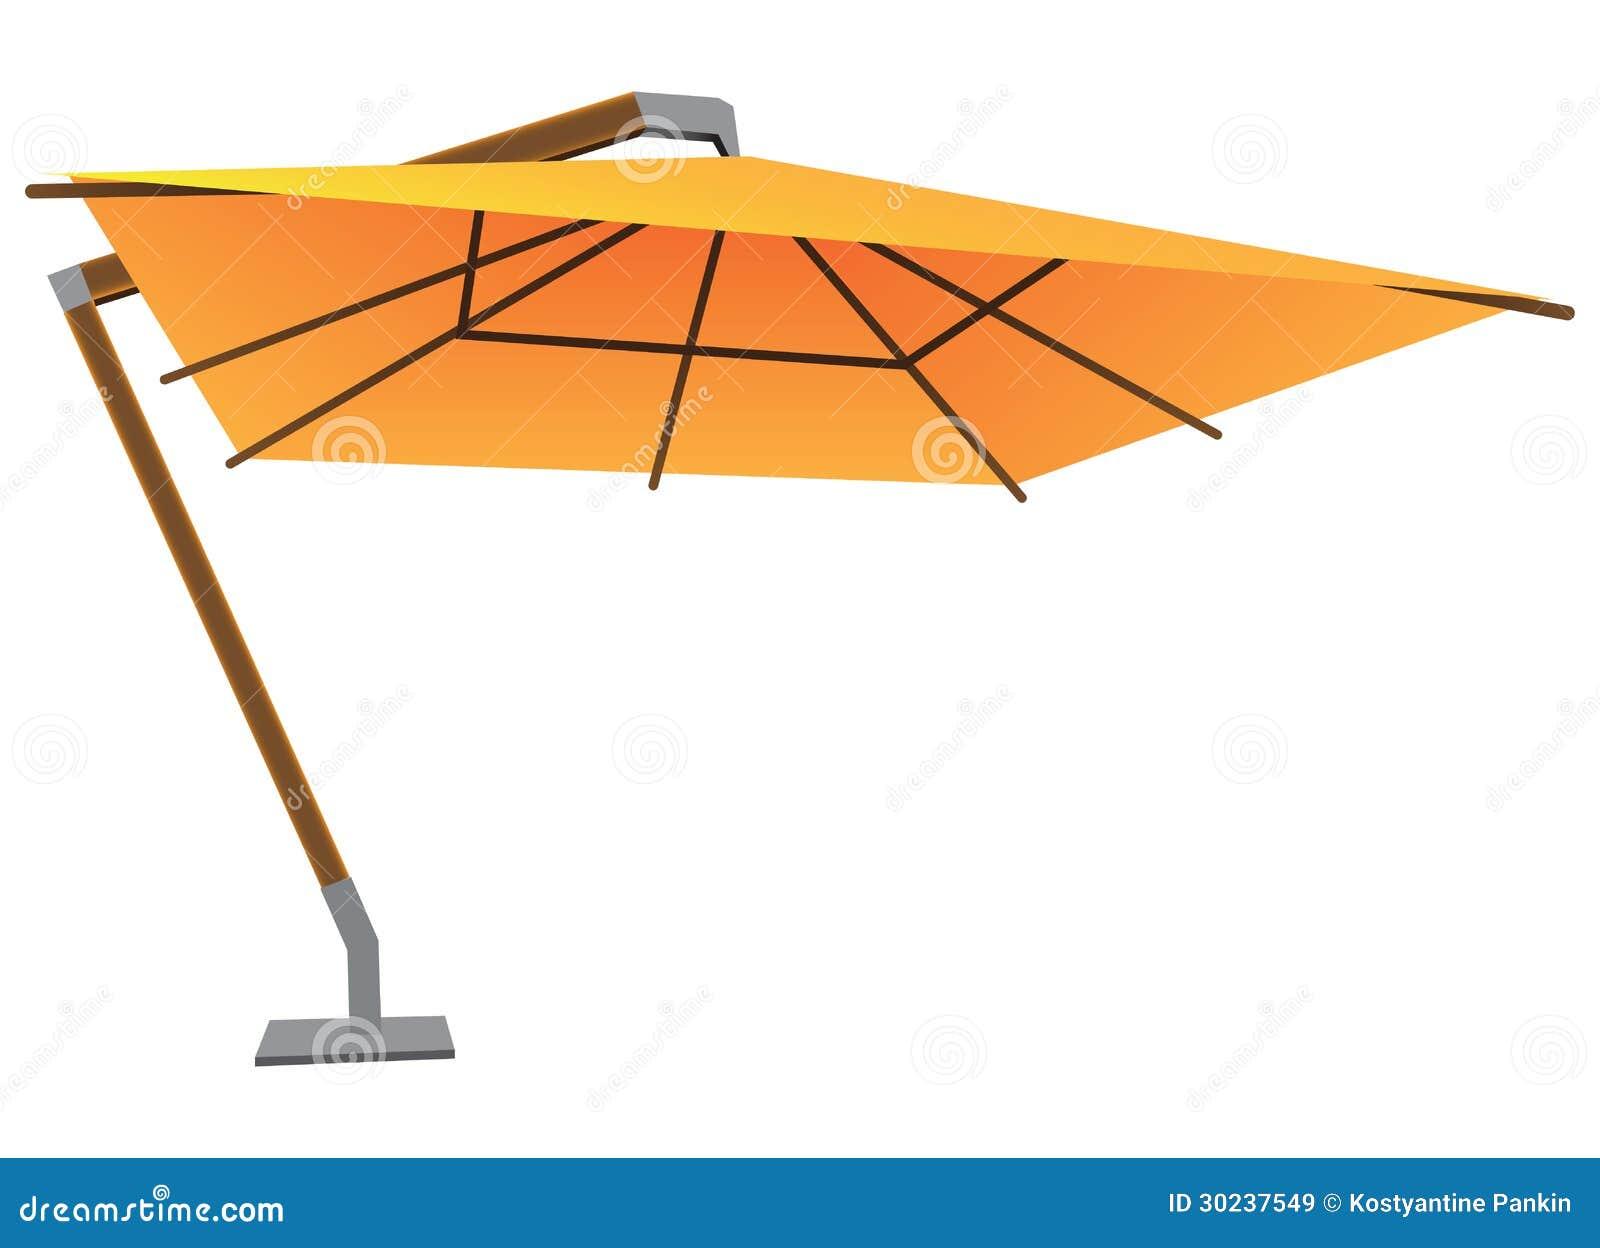 Grote Parasol Vector Illustratie Illustratie Bestaande Uit Parasol 30237549